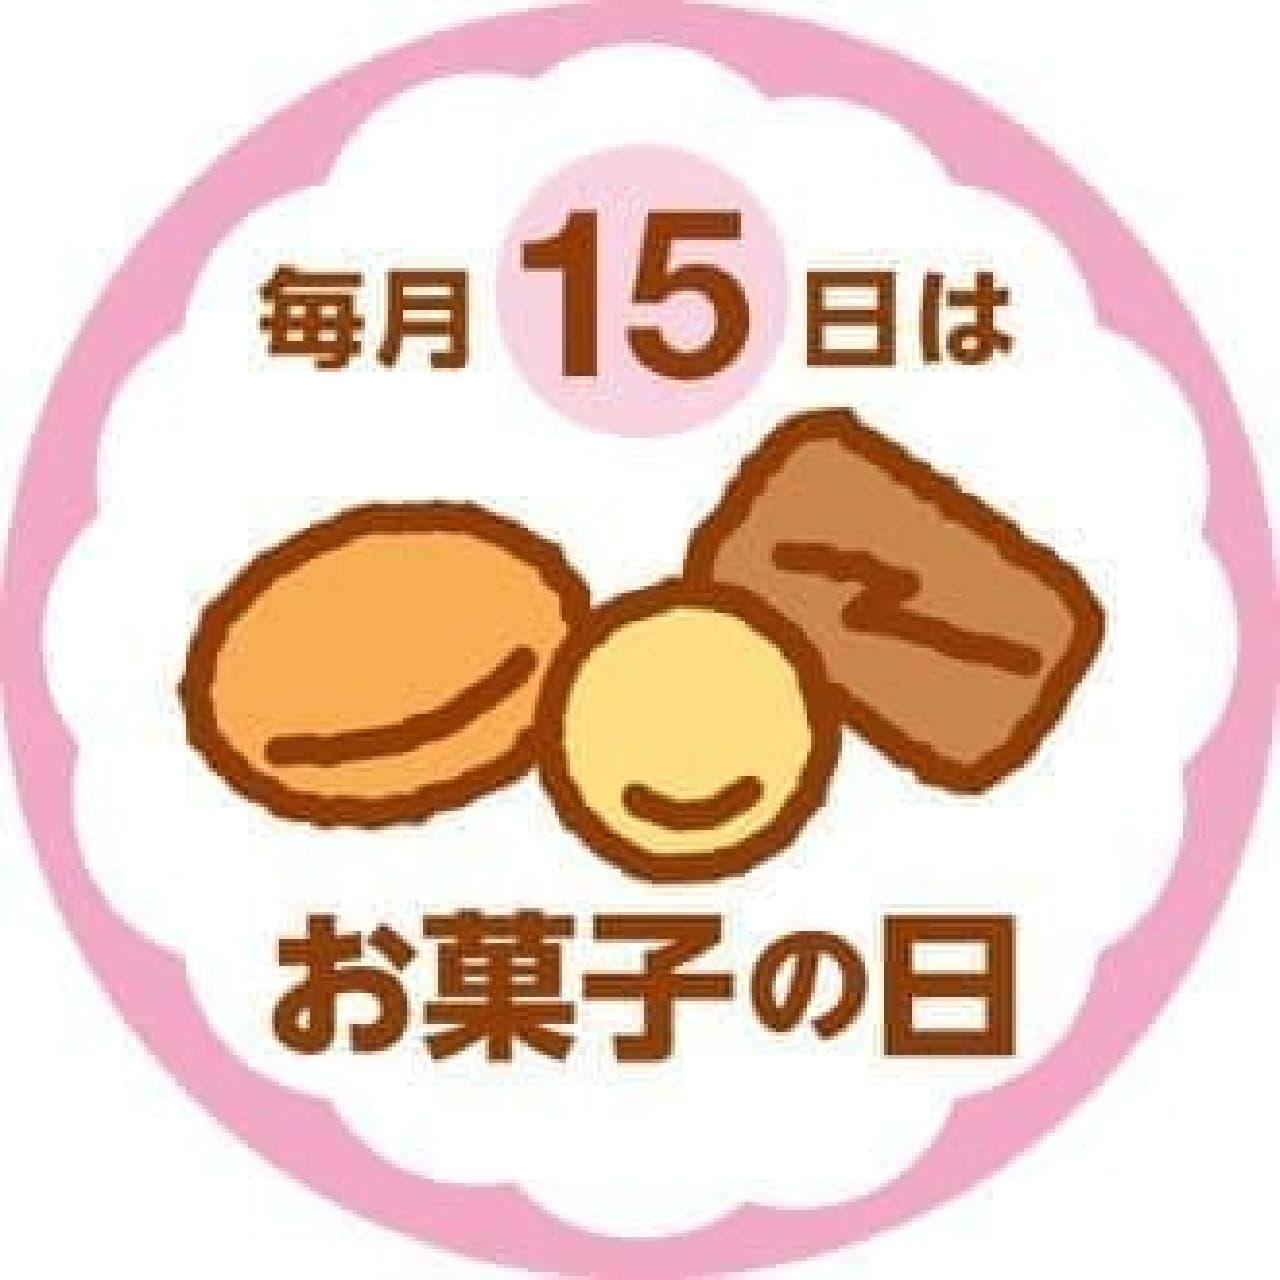 毎月15日に「お菓子の日」キャンペーン実施!